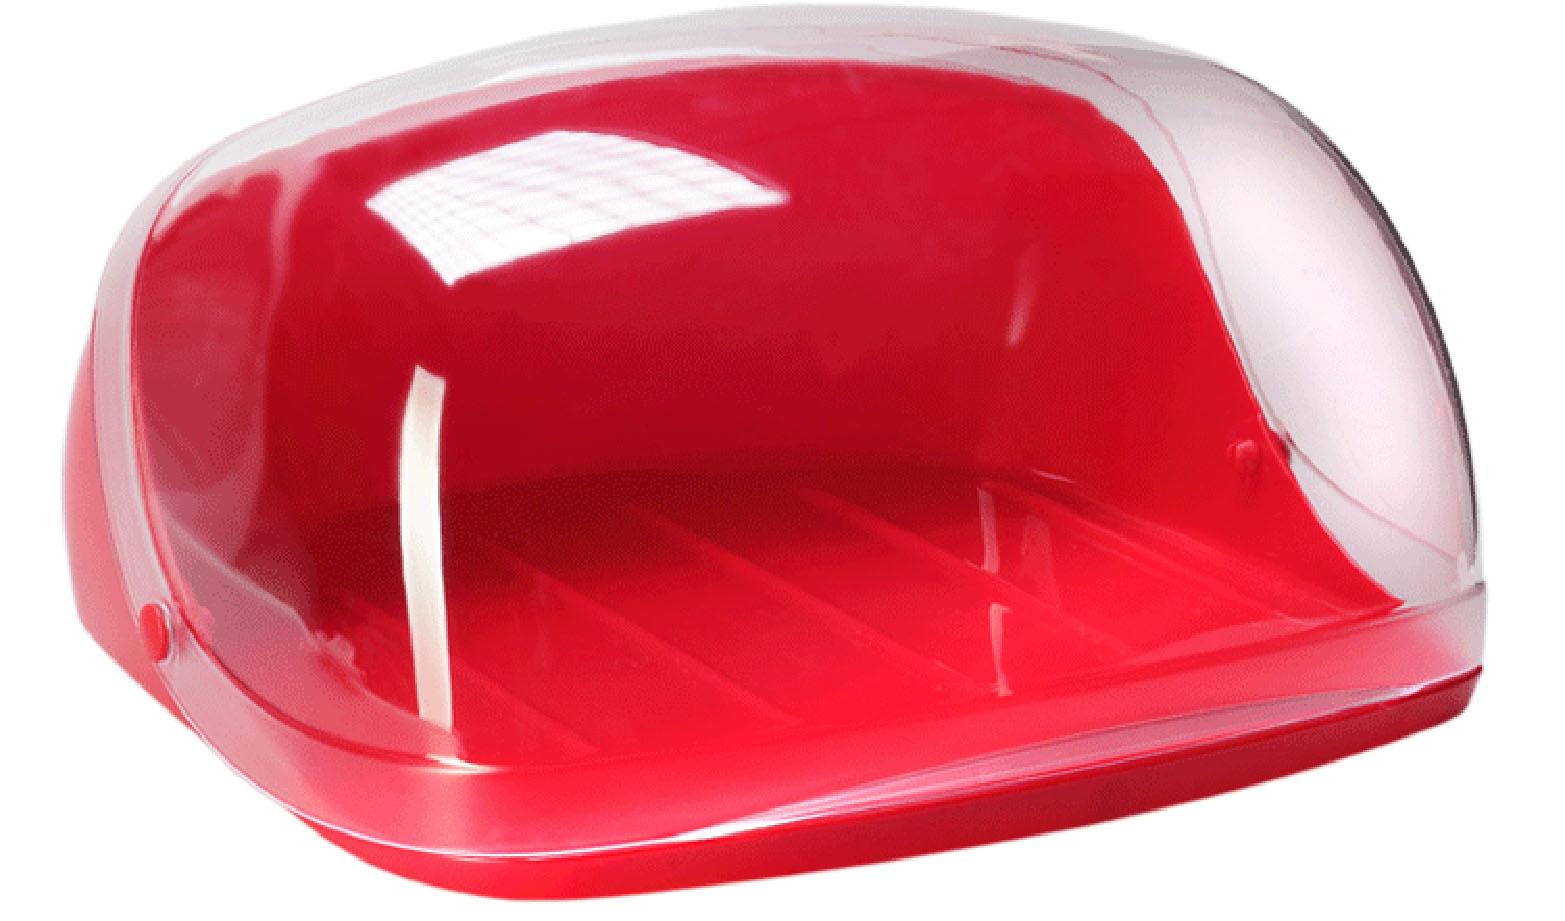 Хлебница Idea, цвет: красный, прозрачный, 31 х 24,5 х 14 смМ 1180Хлебница Idea, изготовленная из пищевого пластика, обеспечивает идеальные условия хранения для различных видов хлебобулочных изделий, надолго сохраняя их свежесть. Изделие оснащено плотно закрывающейся крышкой, защищая продукты от воздействия внешних факторов (запахов и влаги). Вместительность, функциональность и стильный дизайн позволят хлебнице стать не только незаменимым аксессуаром на кухне, но и предметом украшения интерьера. В ней хлеб всегда останется свежим и вкусным.